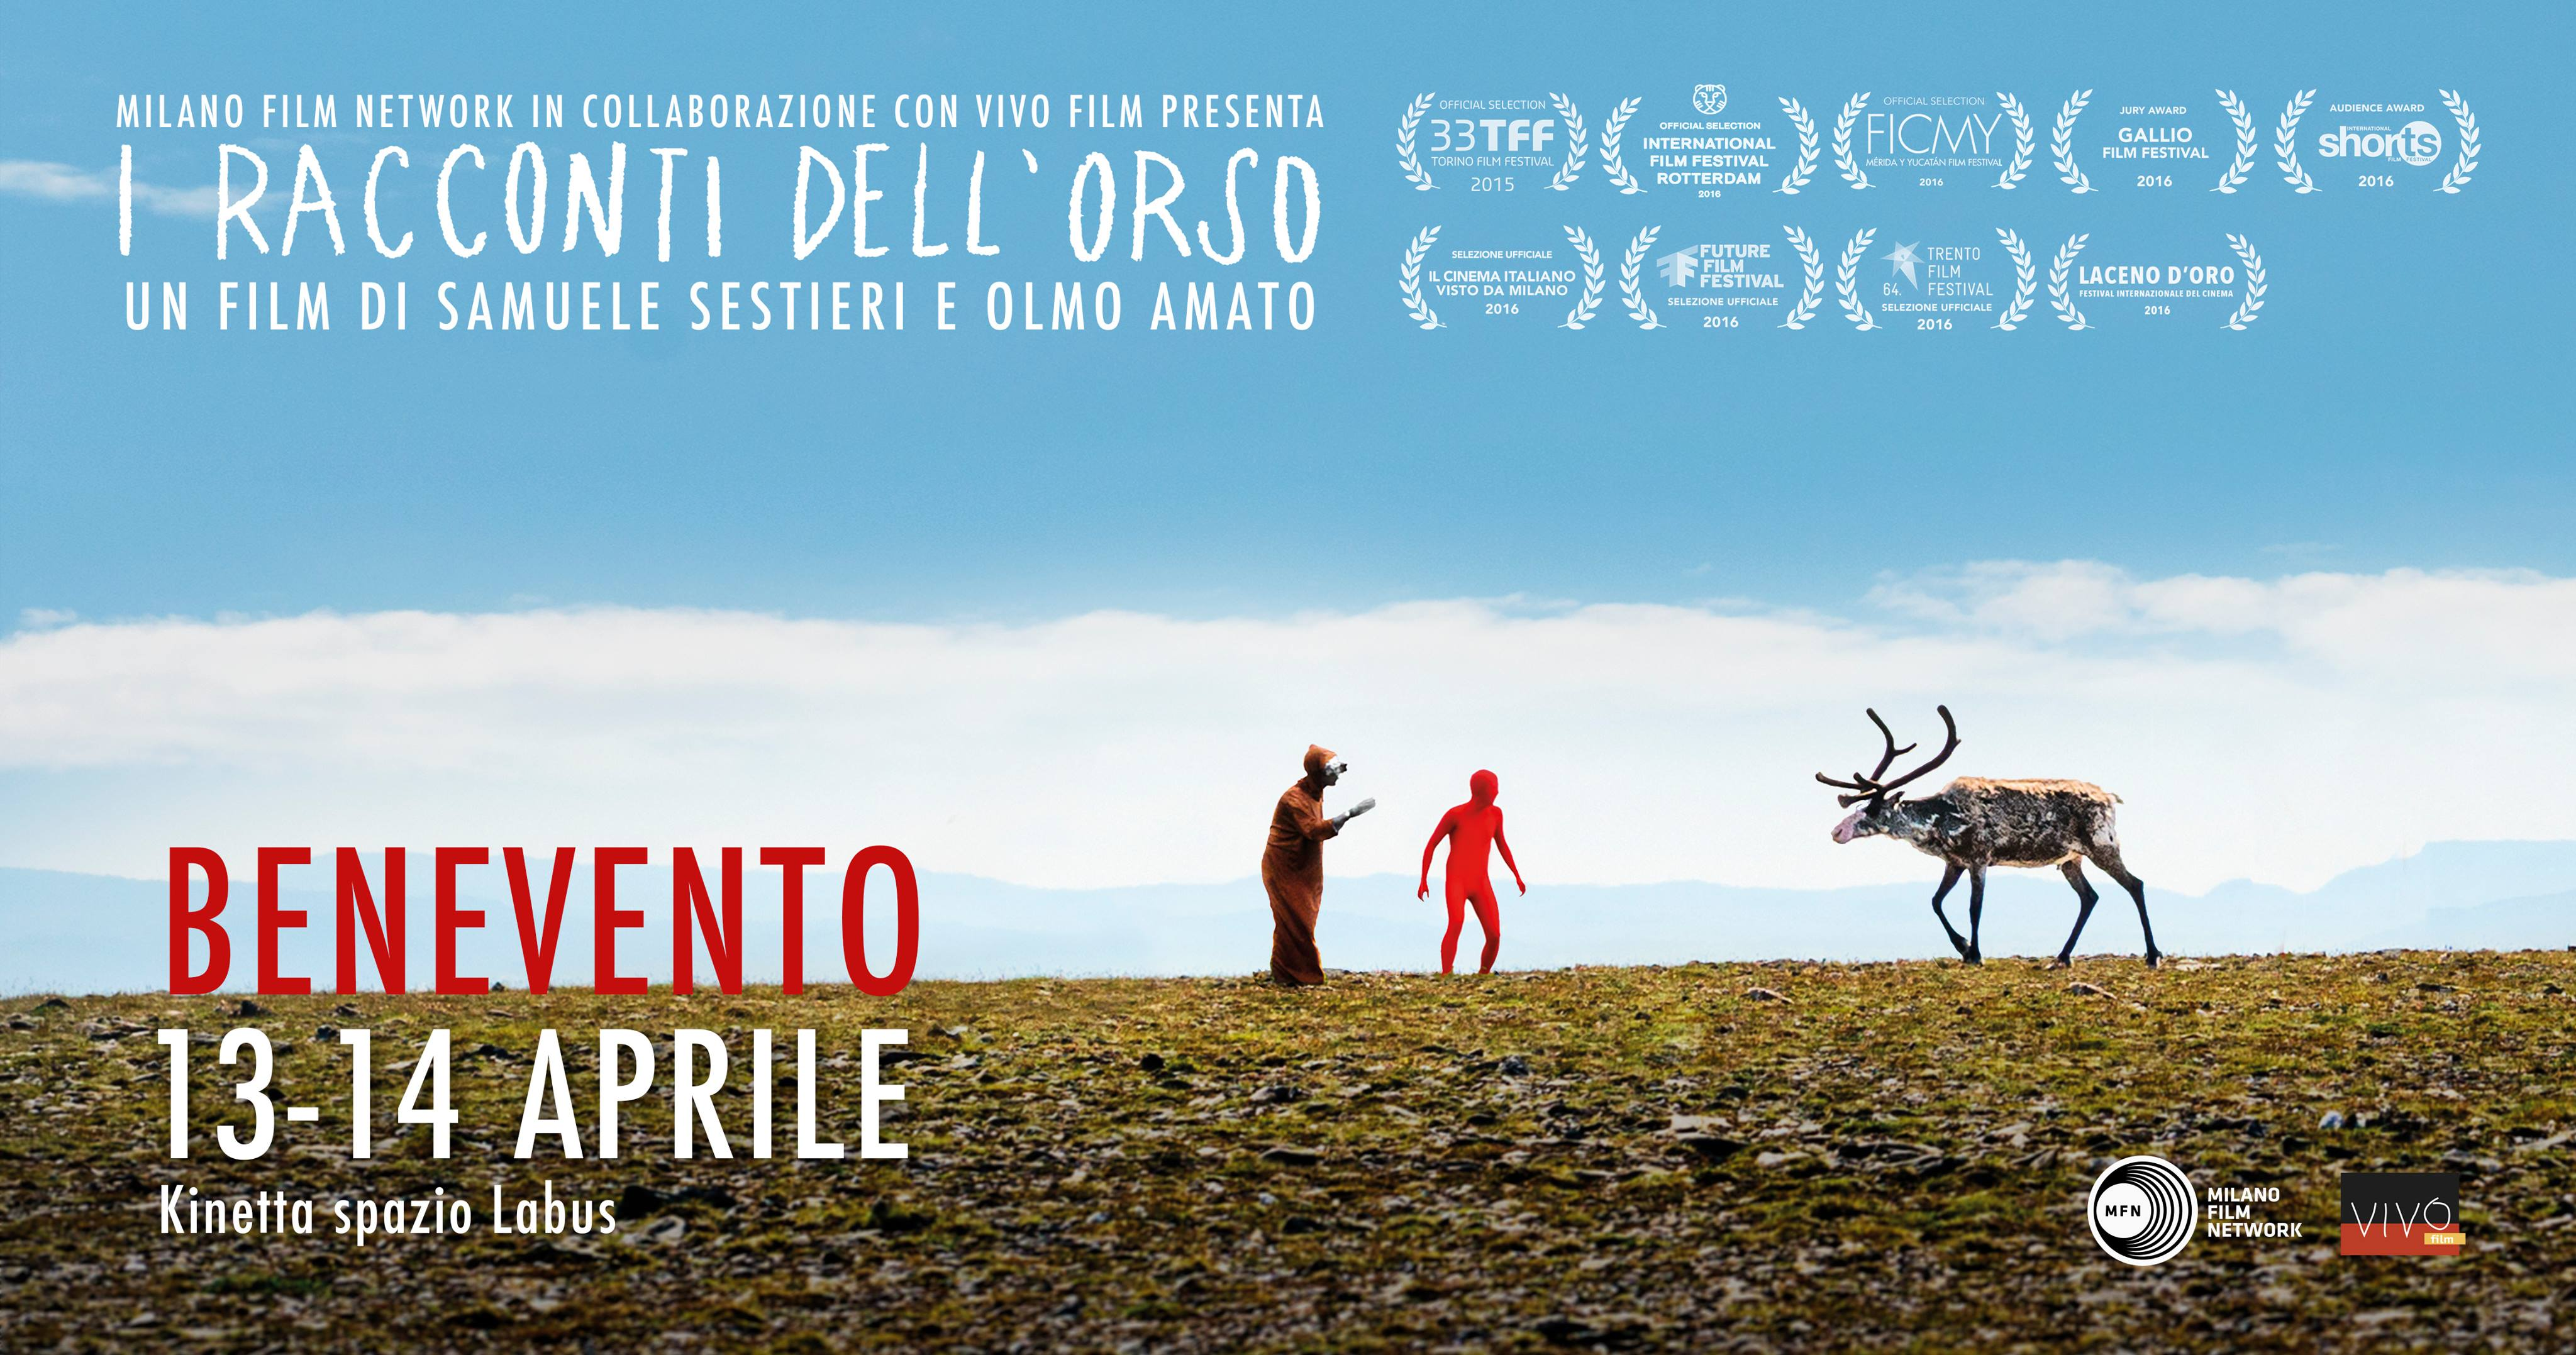 Proiezione de 'I racconti dell'orso' e incontro con i registi nello Spazio Labus di Benevento